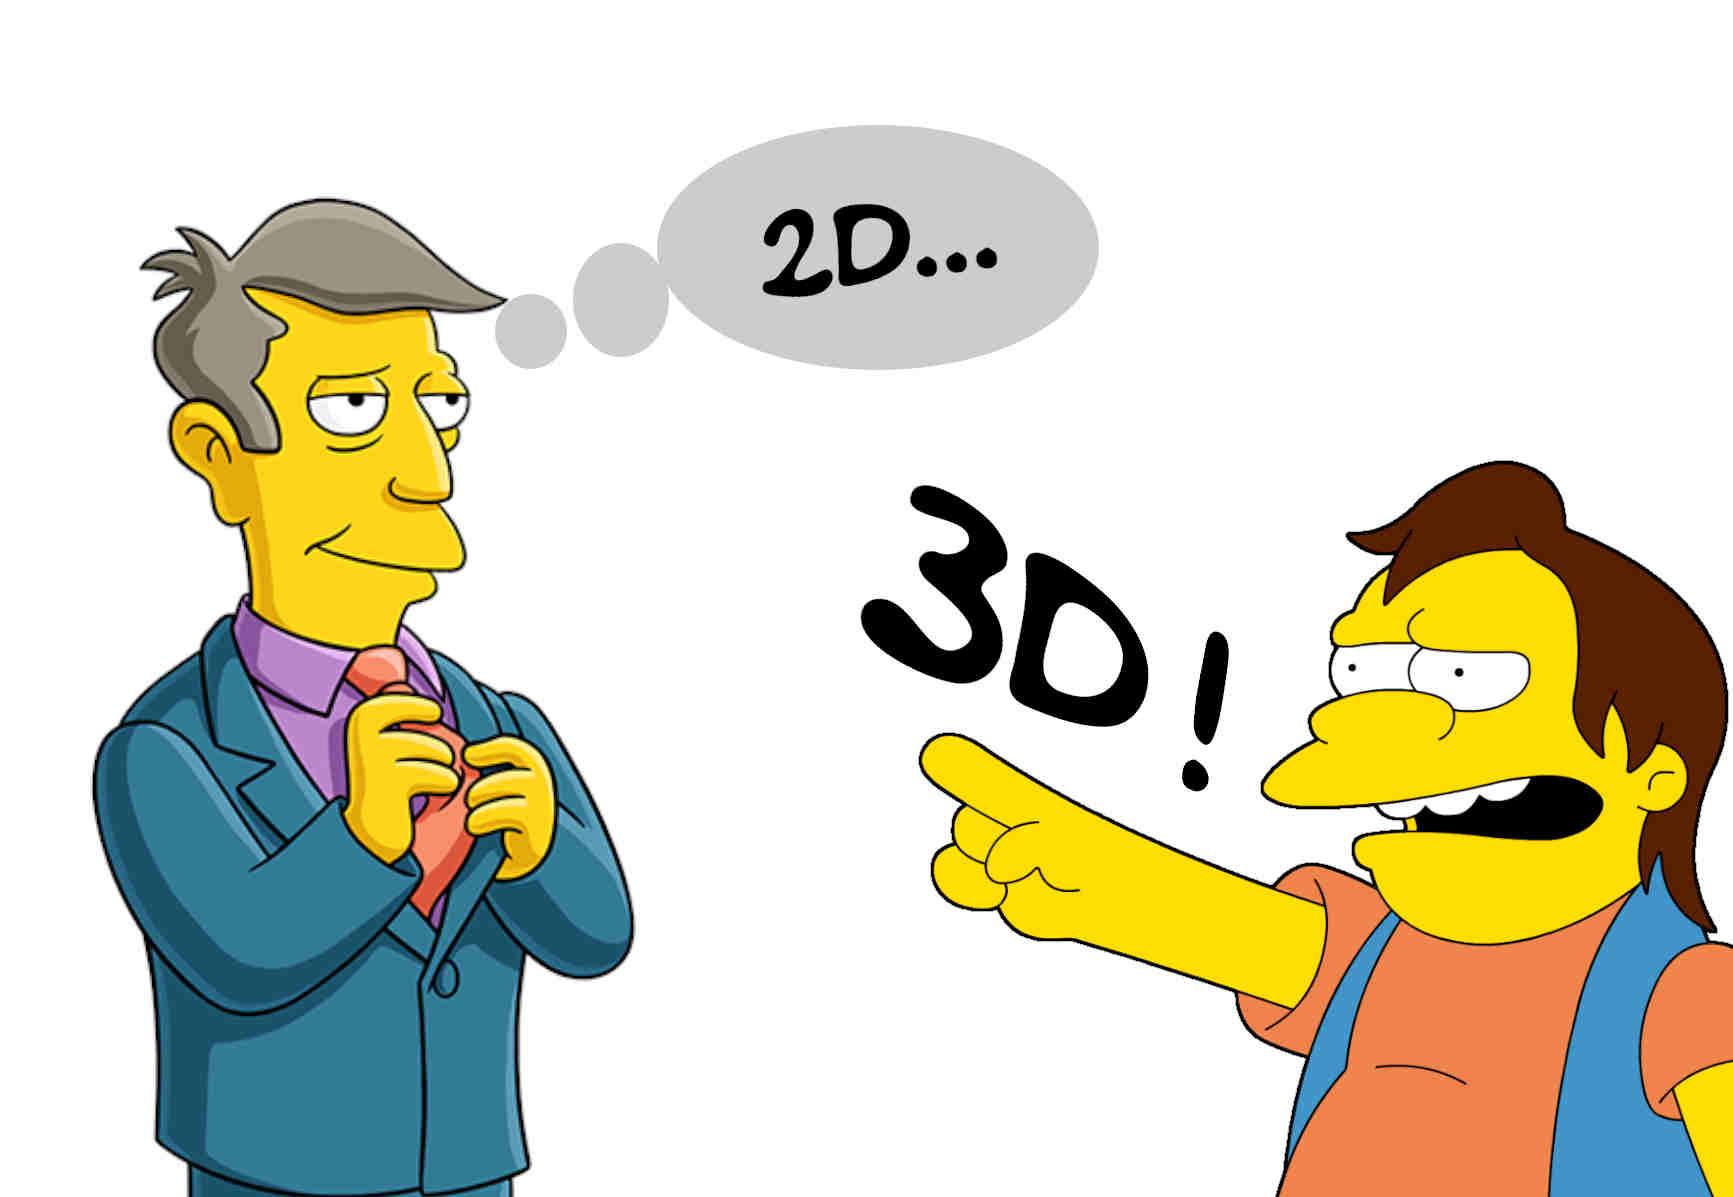 Les débats sur la 3D sont souvent assez limités...